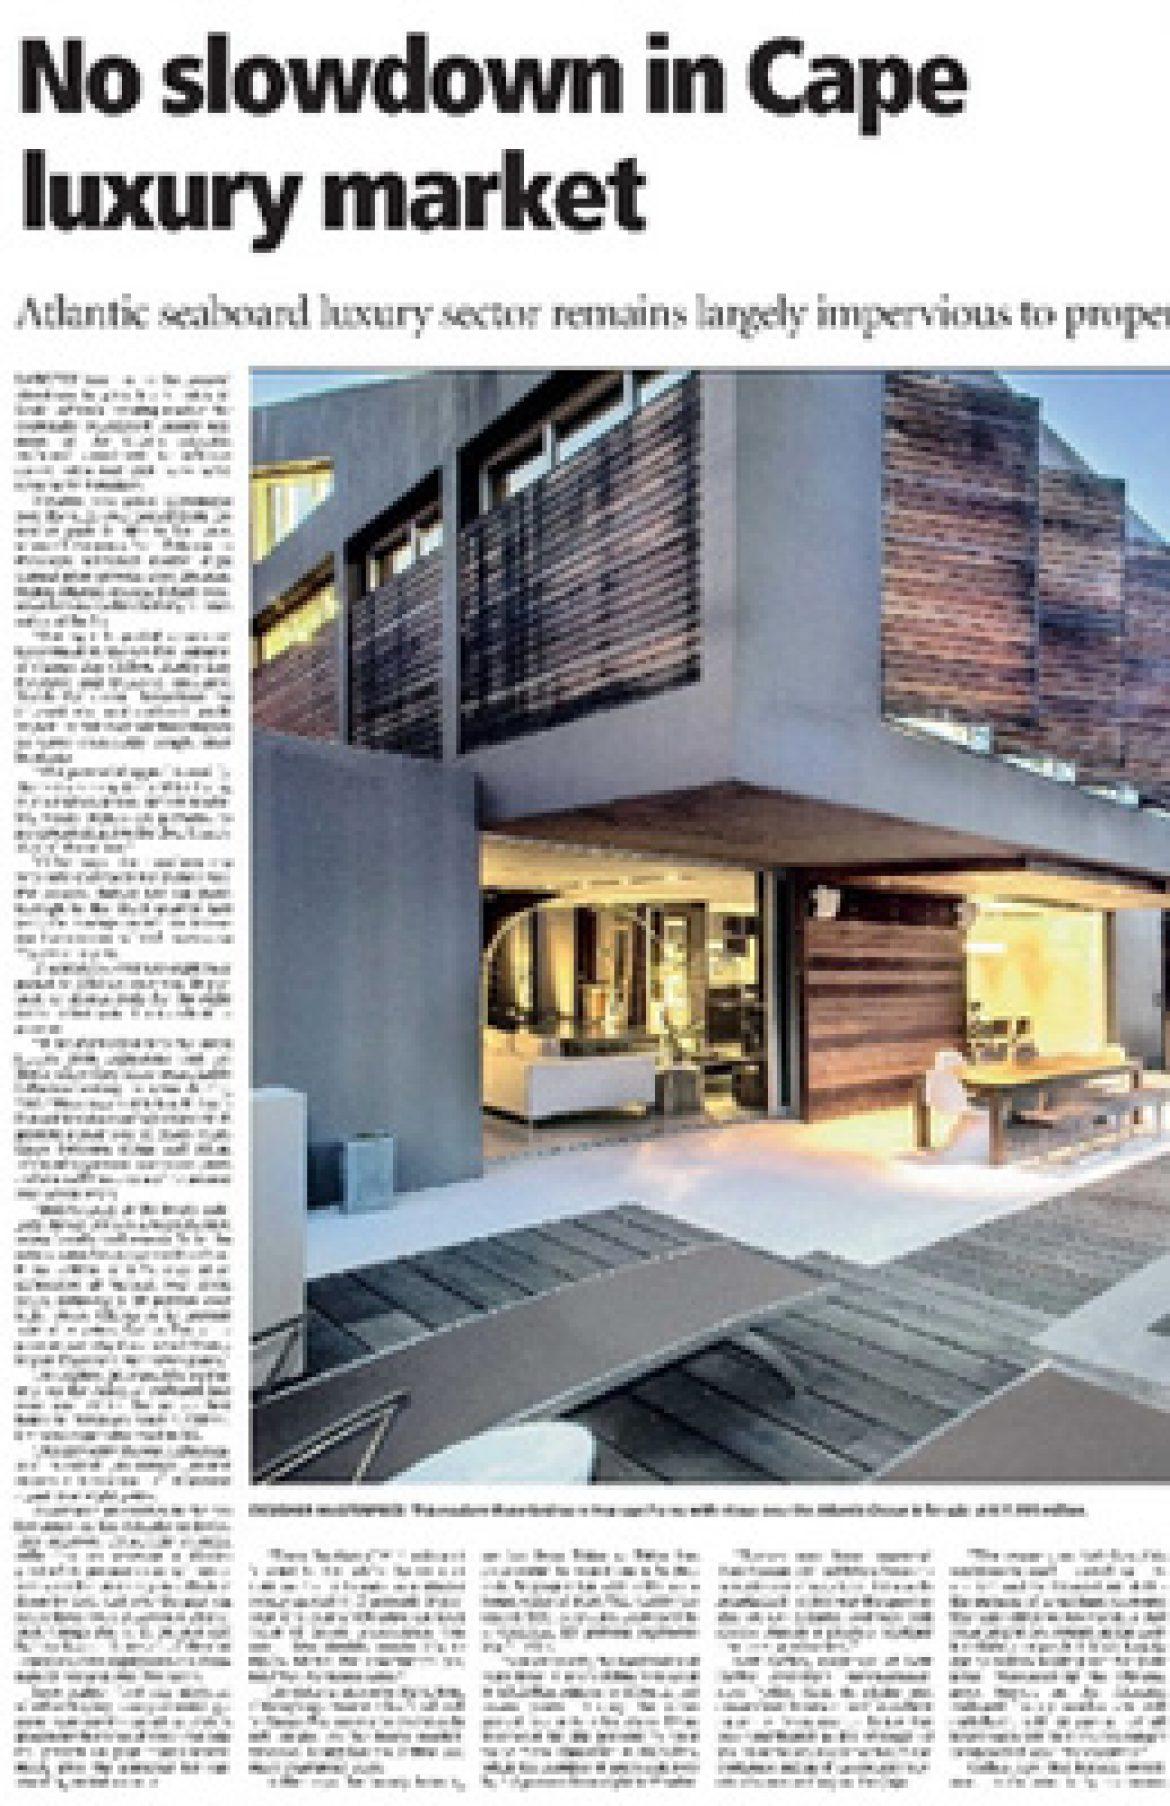 No slowdown in Cape luxury market